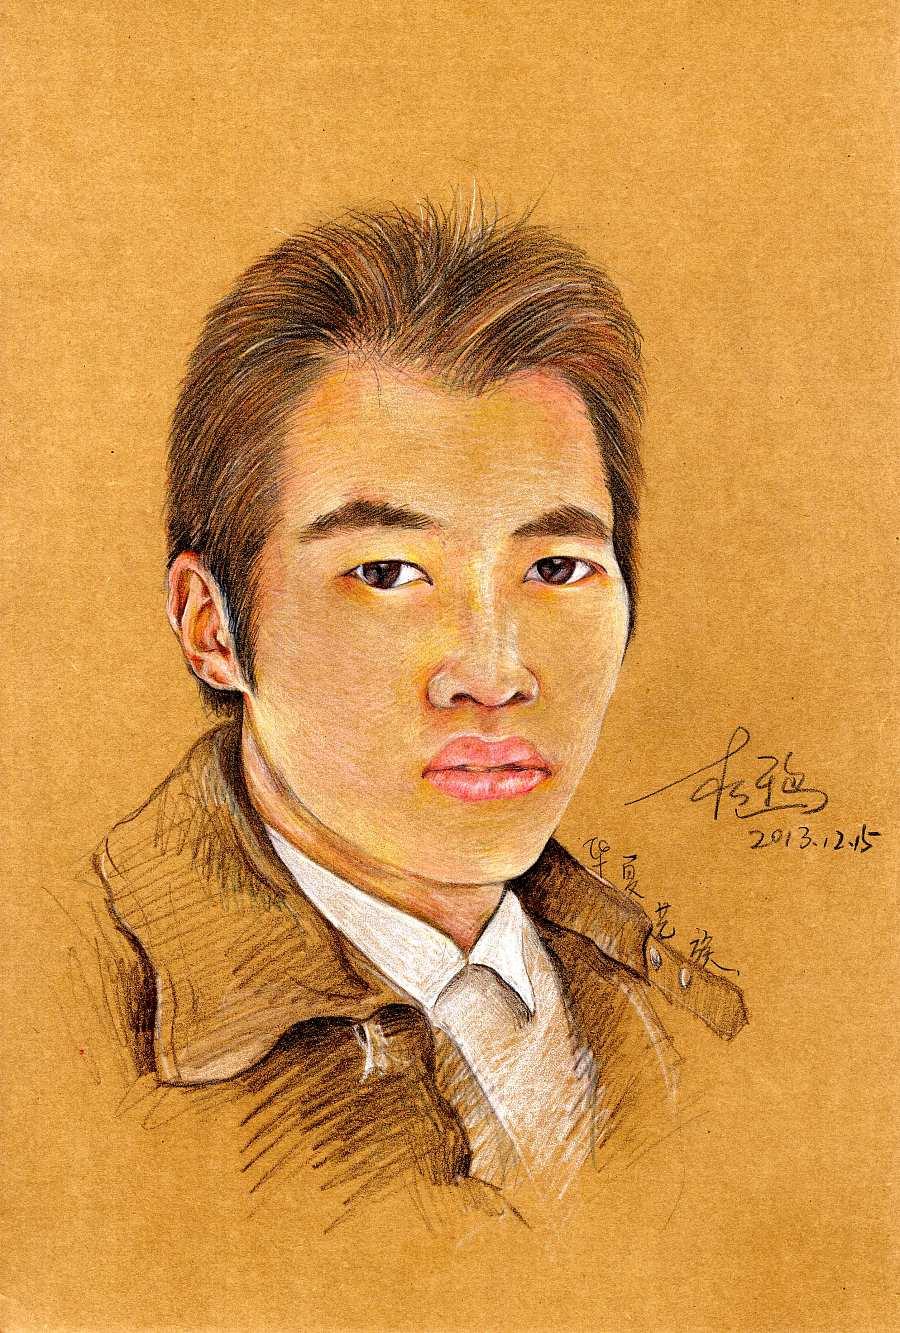 原创作品:彩铅人物手绘——画友